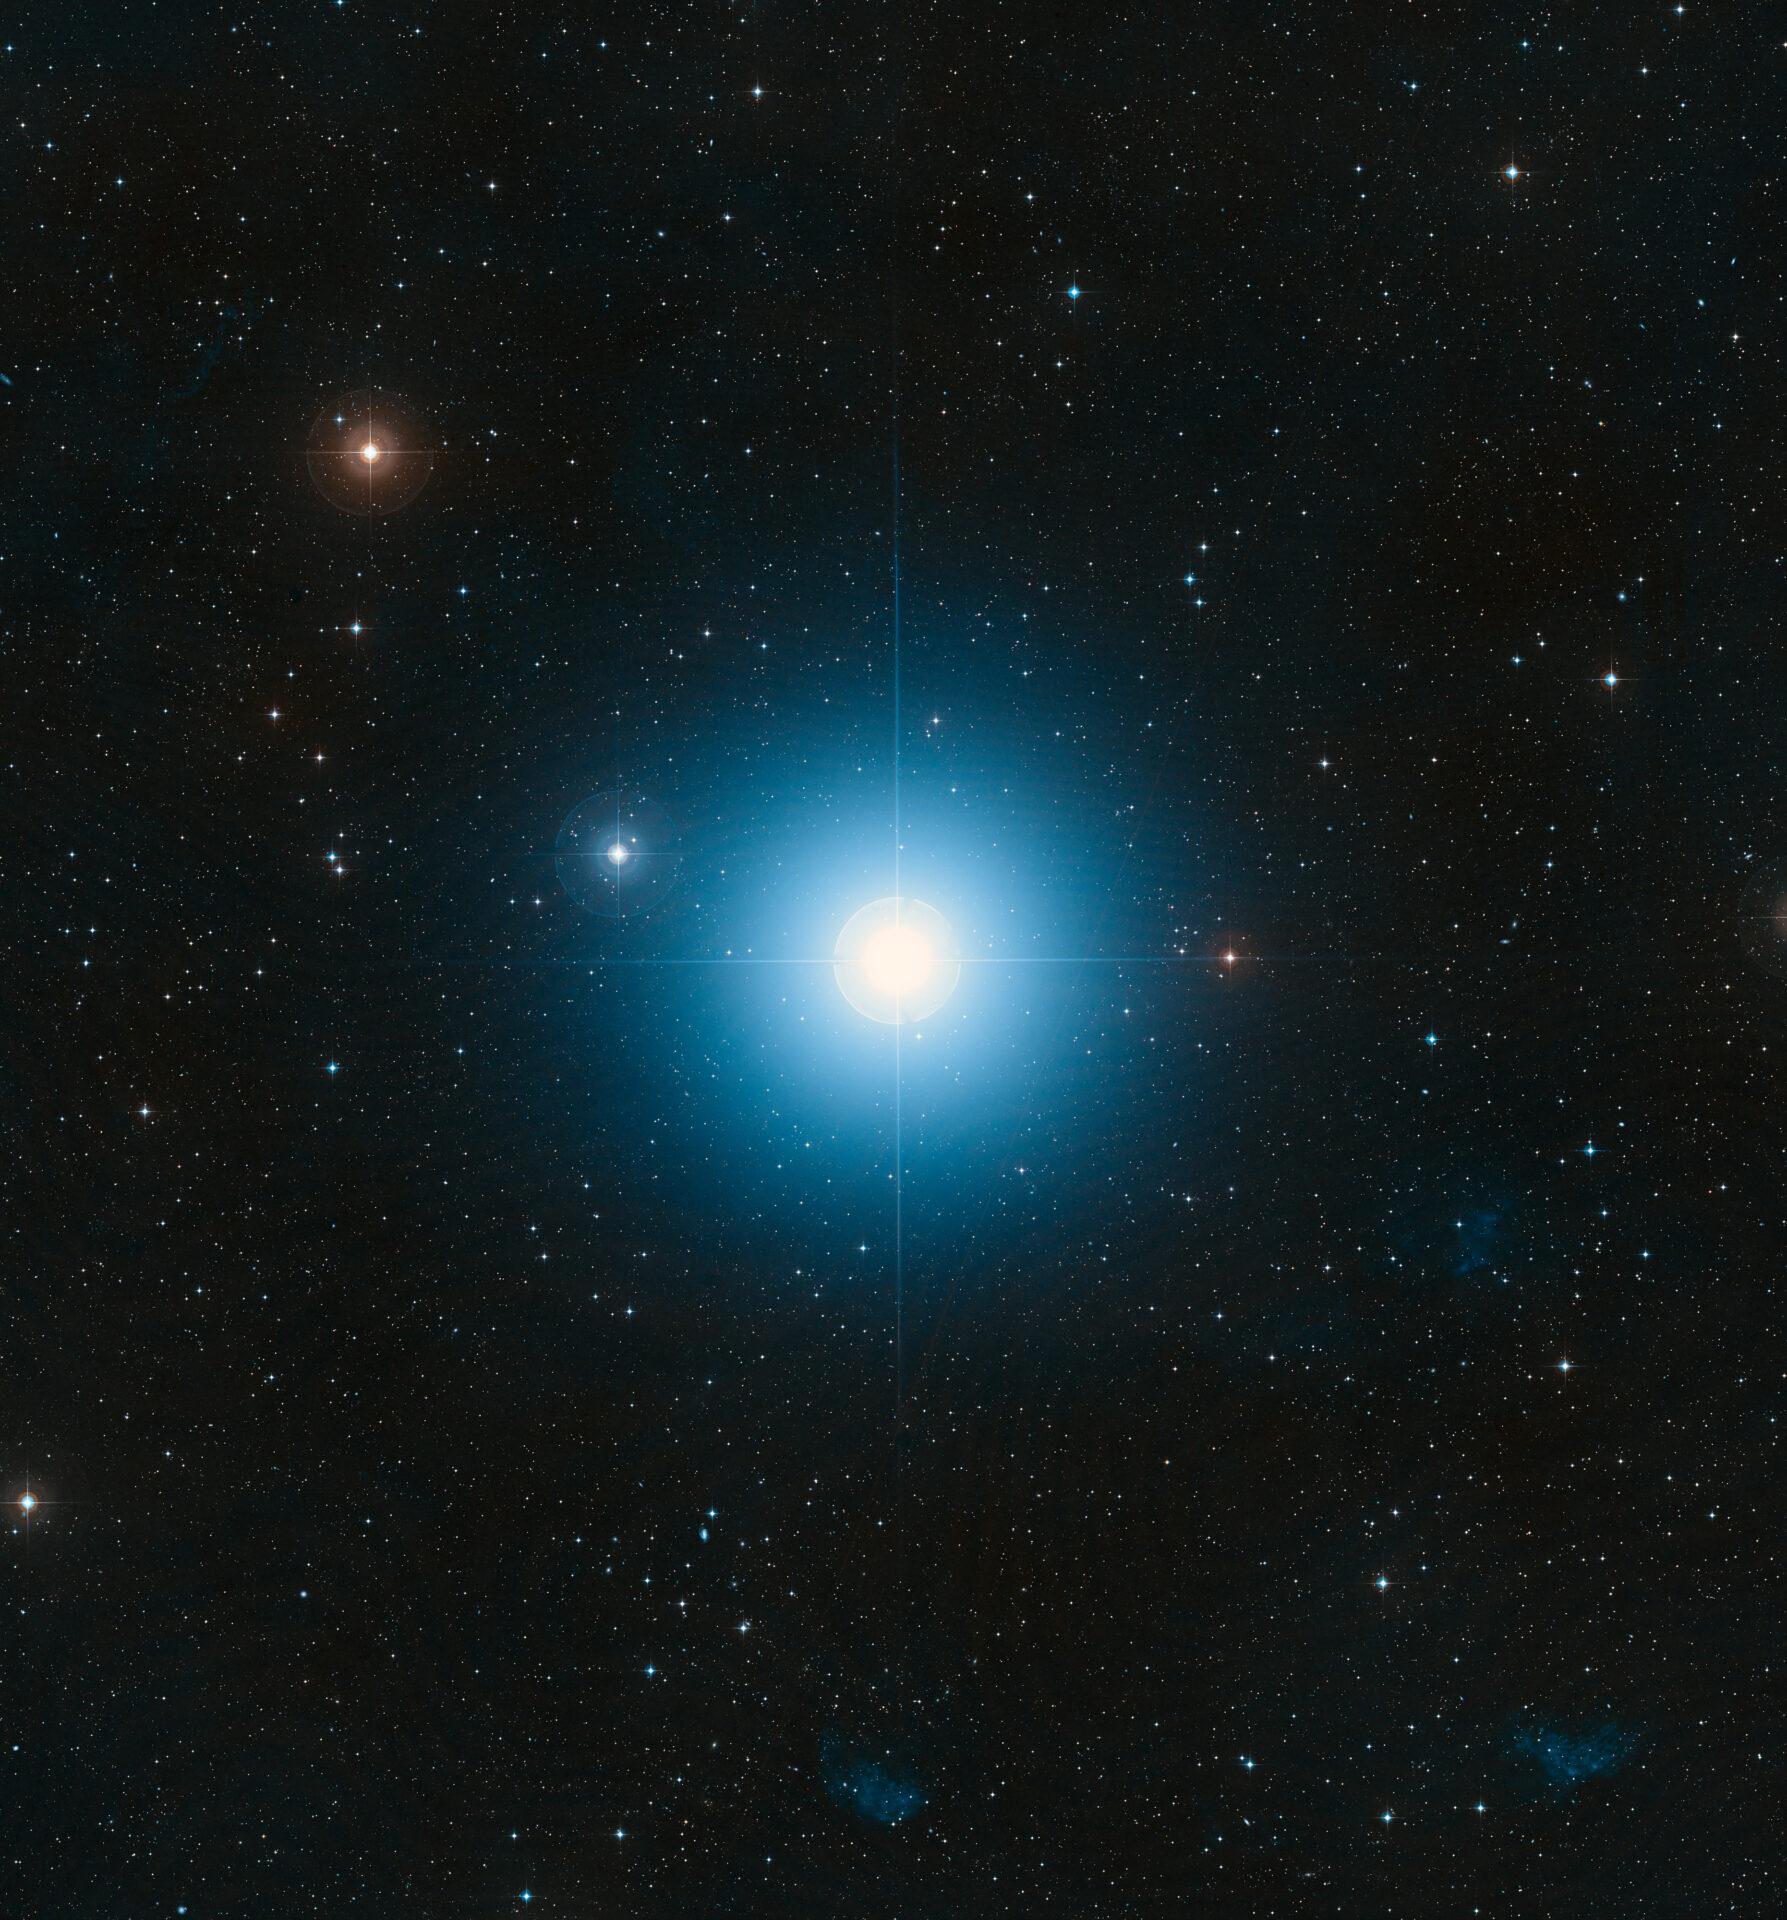 La stella Fomalhaut, nella costellazione del Pesce Australe Fonte: NASA, ESA, and the Digitized Sky Survey 2. Acknowledgment: Davide De Martin (ESA/Hubble) https://www.spacetelescope.org/images/heic0821f/